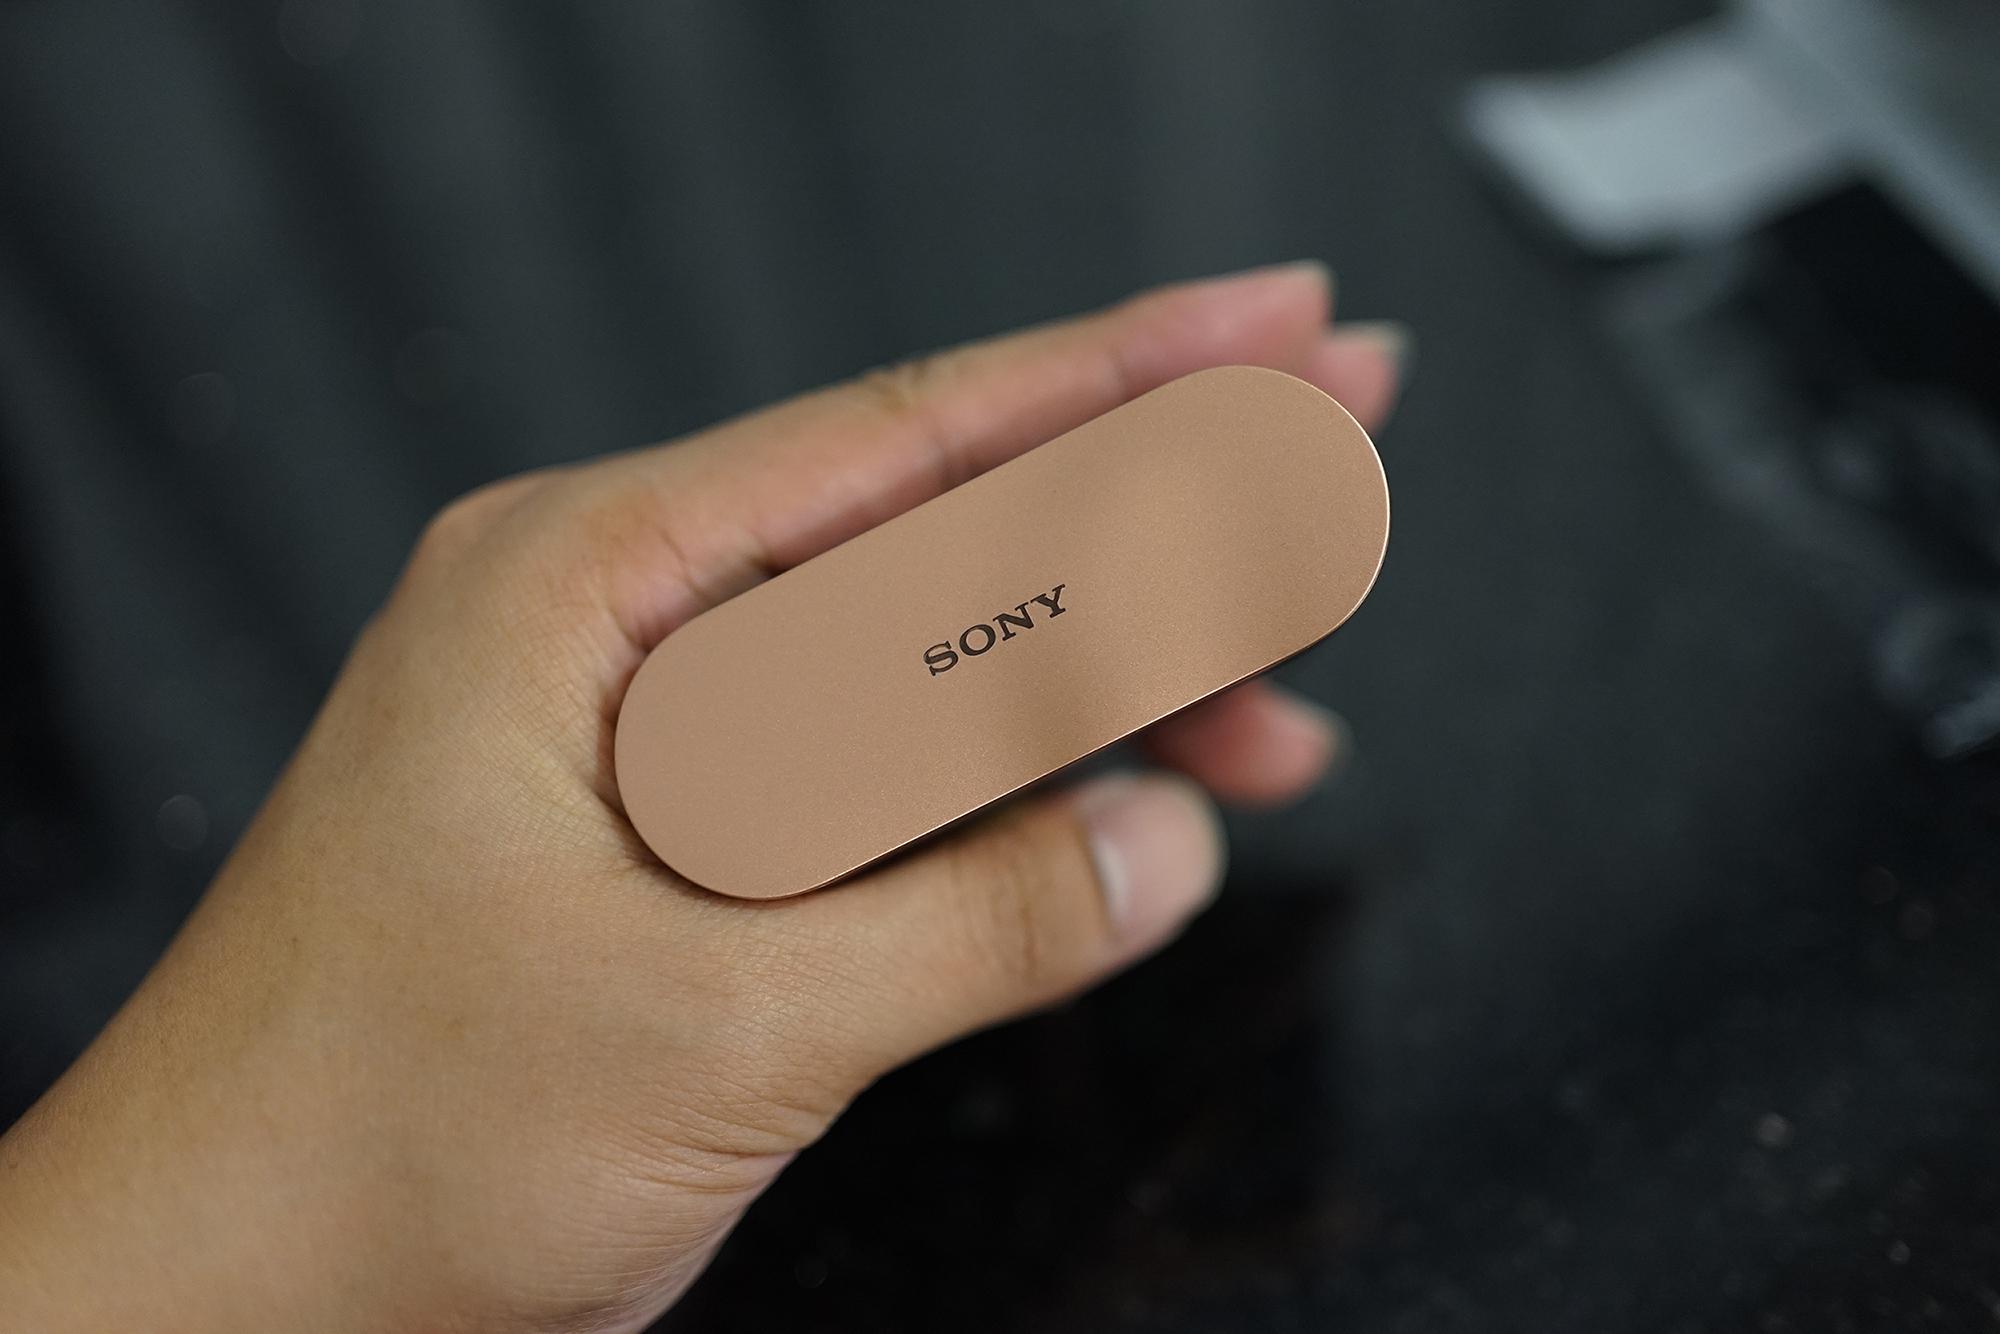 รีวิว Sony WF-1000XM3